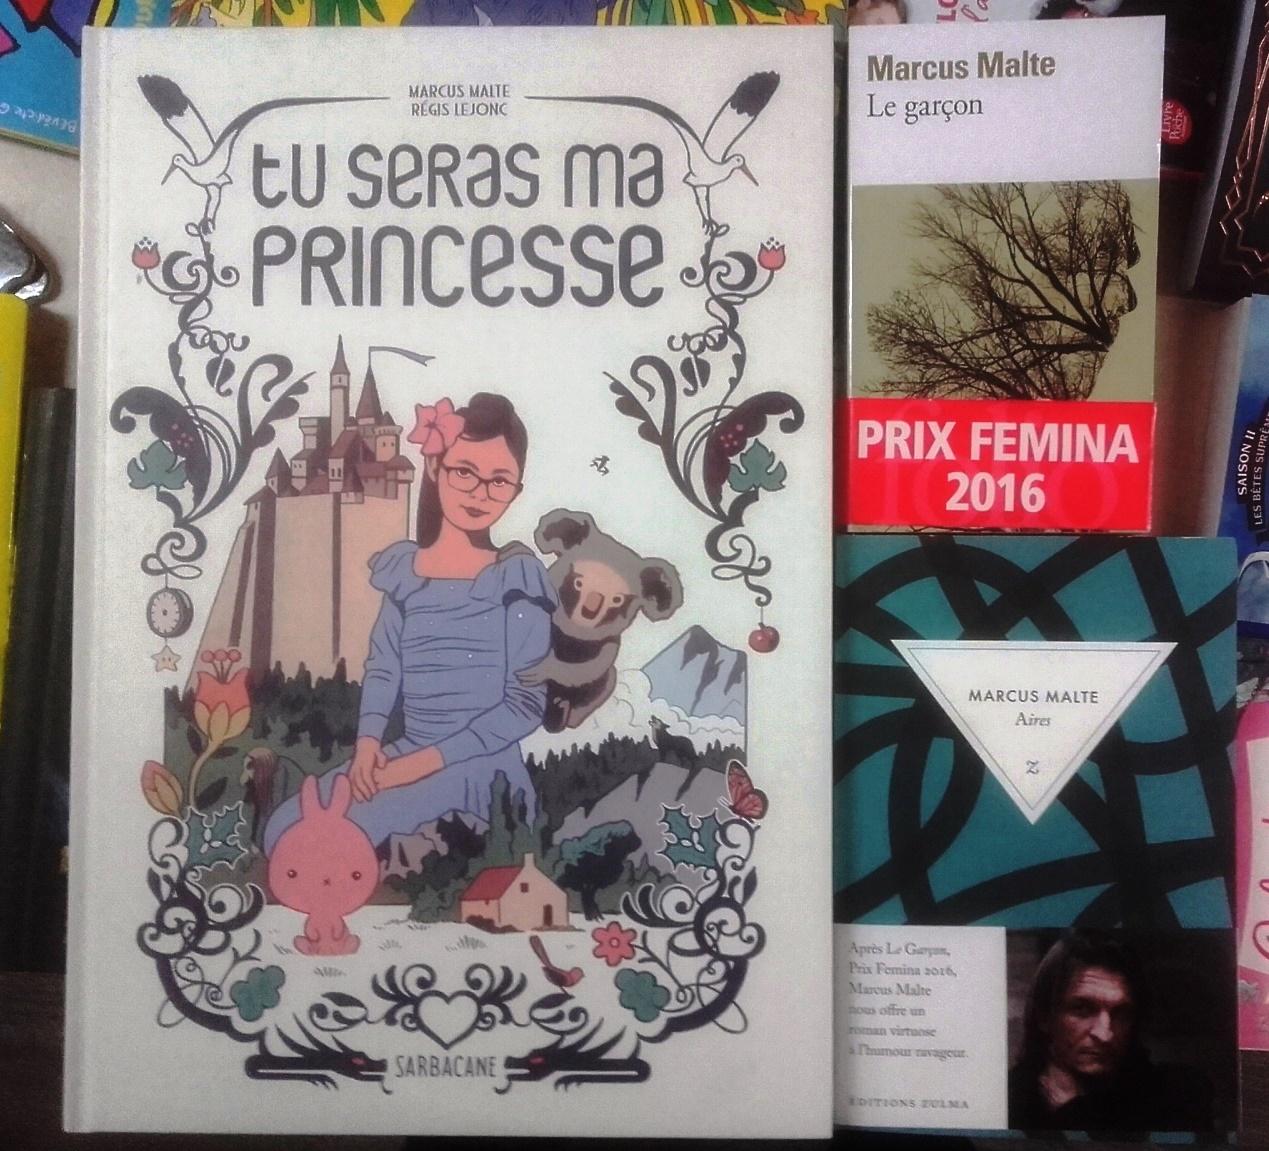 Les coups de cœur littéraires de la librairie Jaubert à Riez